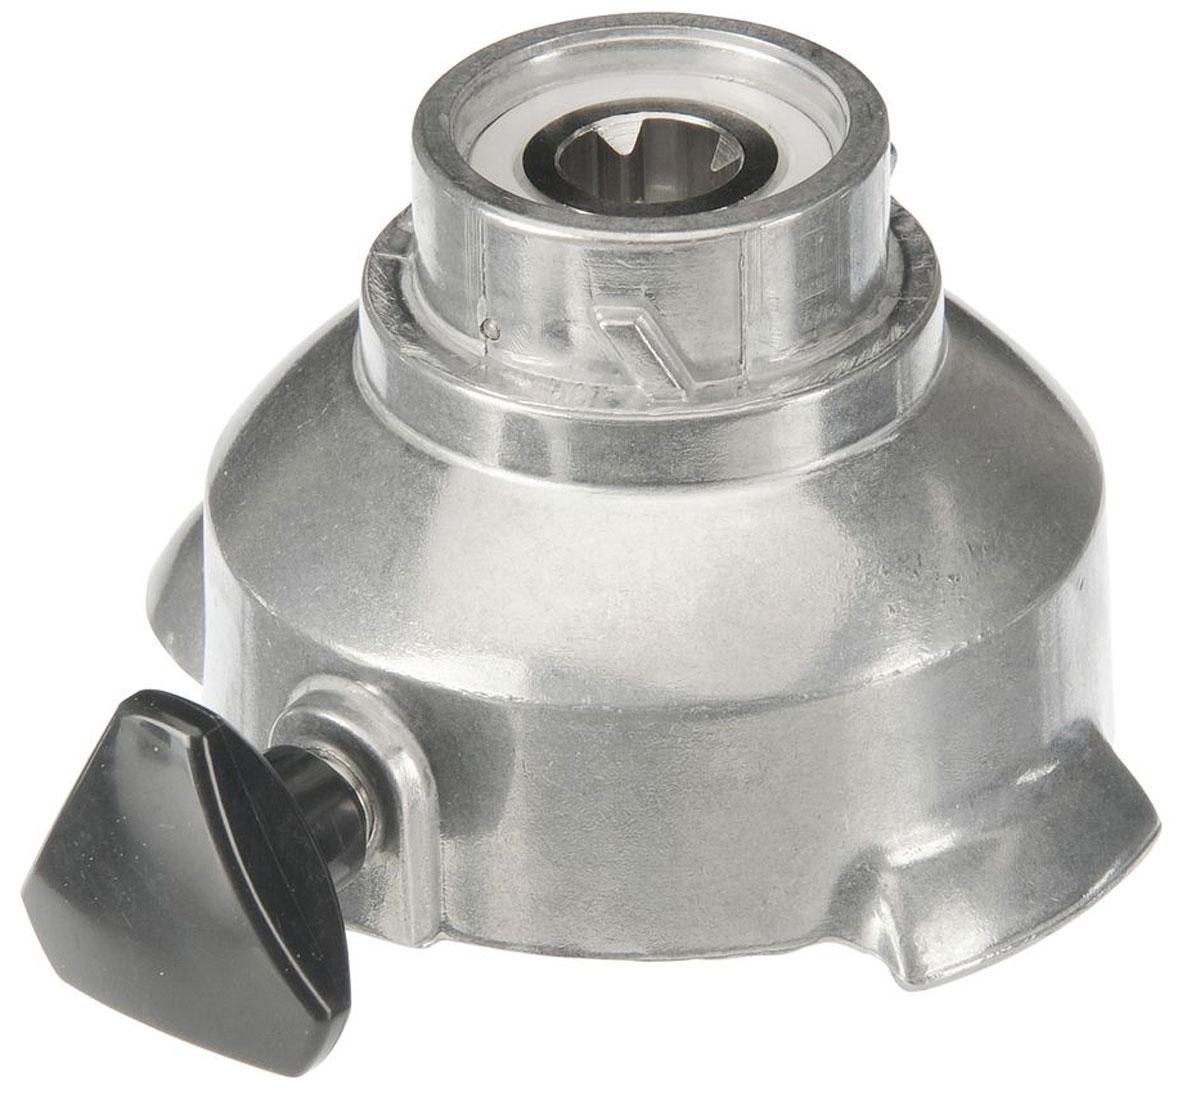 Bosch MUZ8AD1 адаптер для насадок для кухонных комбайнов